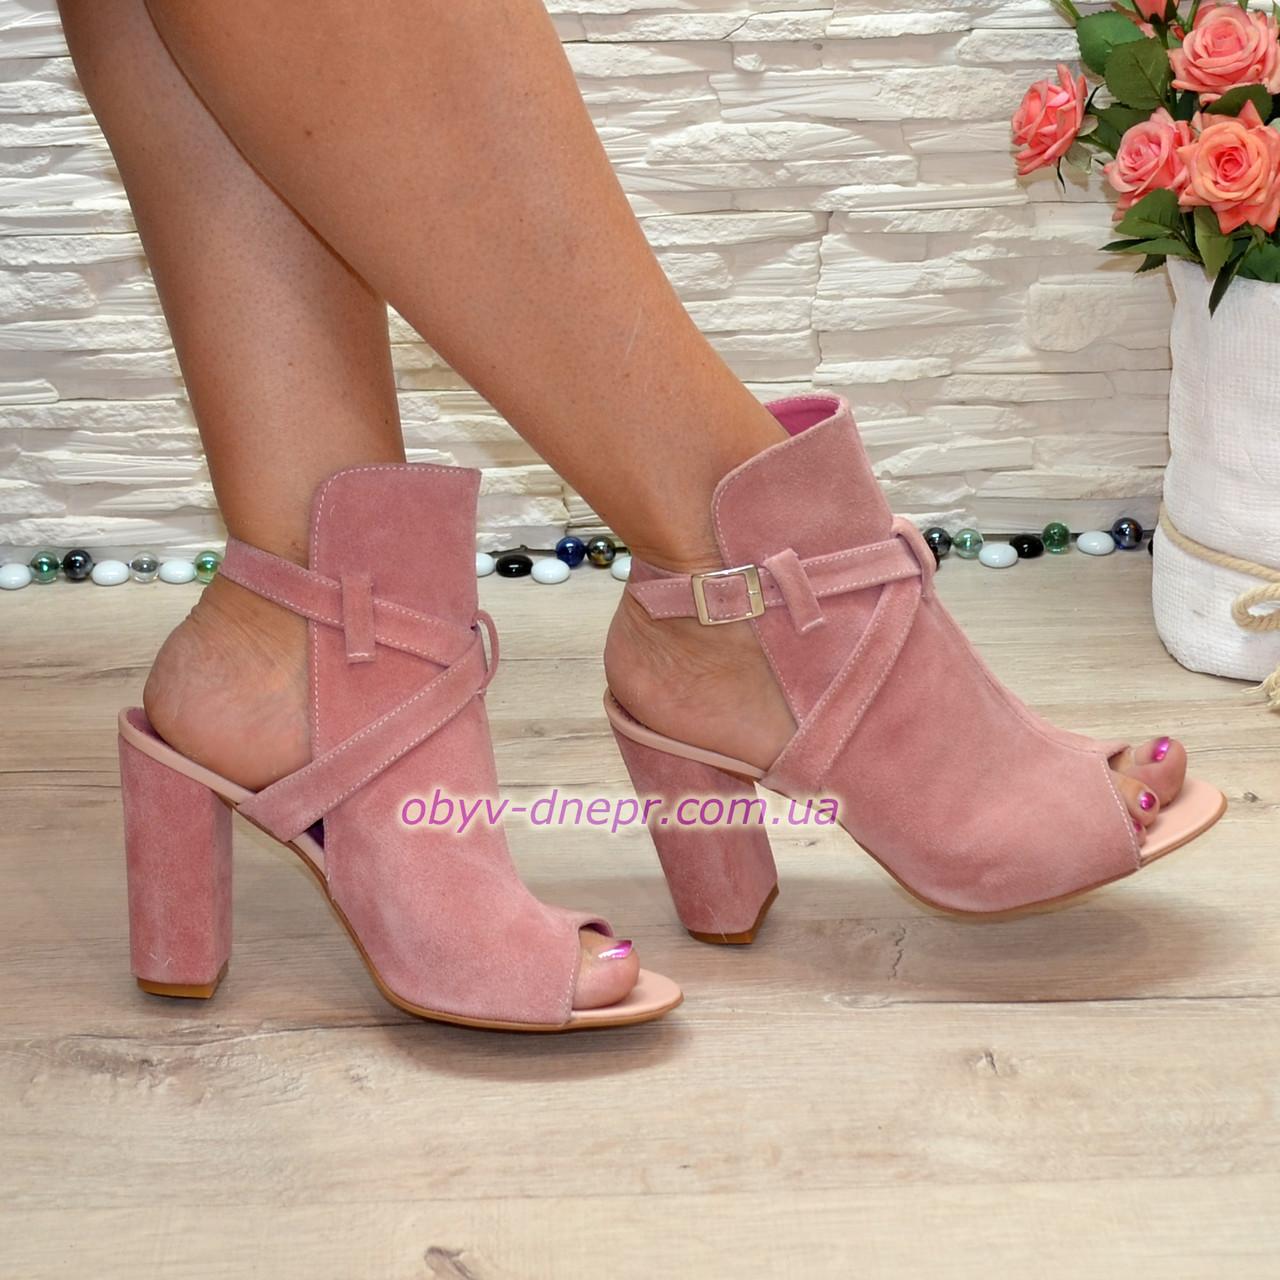 Женские замшевые босоножки на высоком устойчивом каблуке, цвет пудра